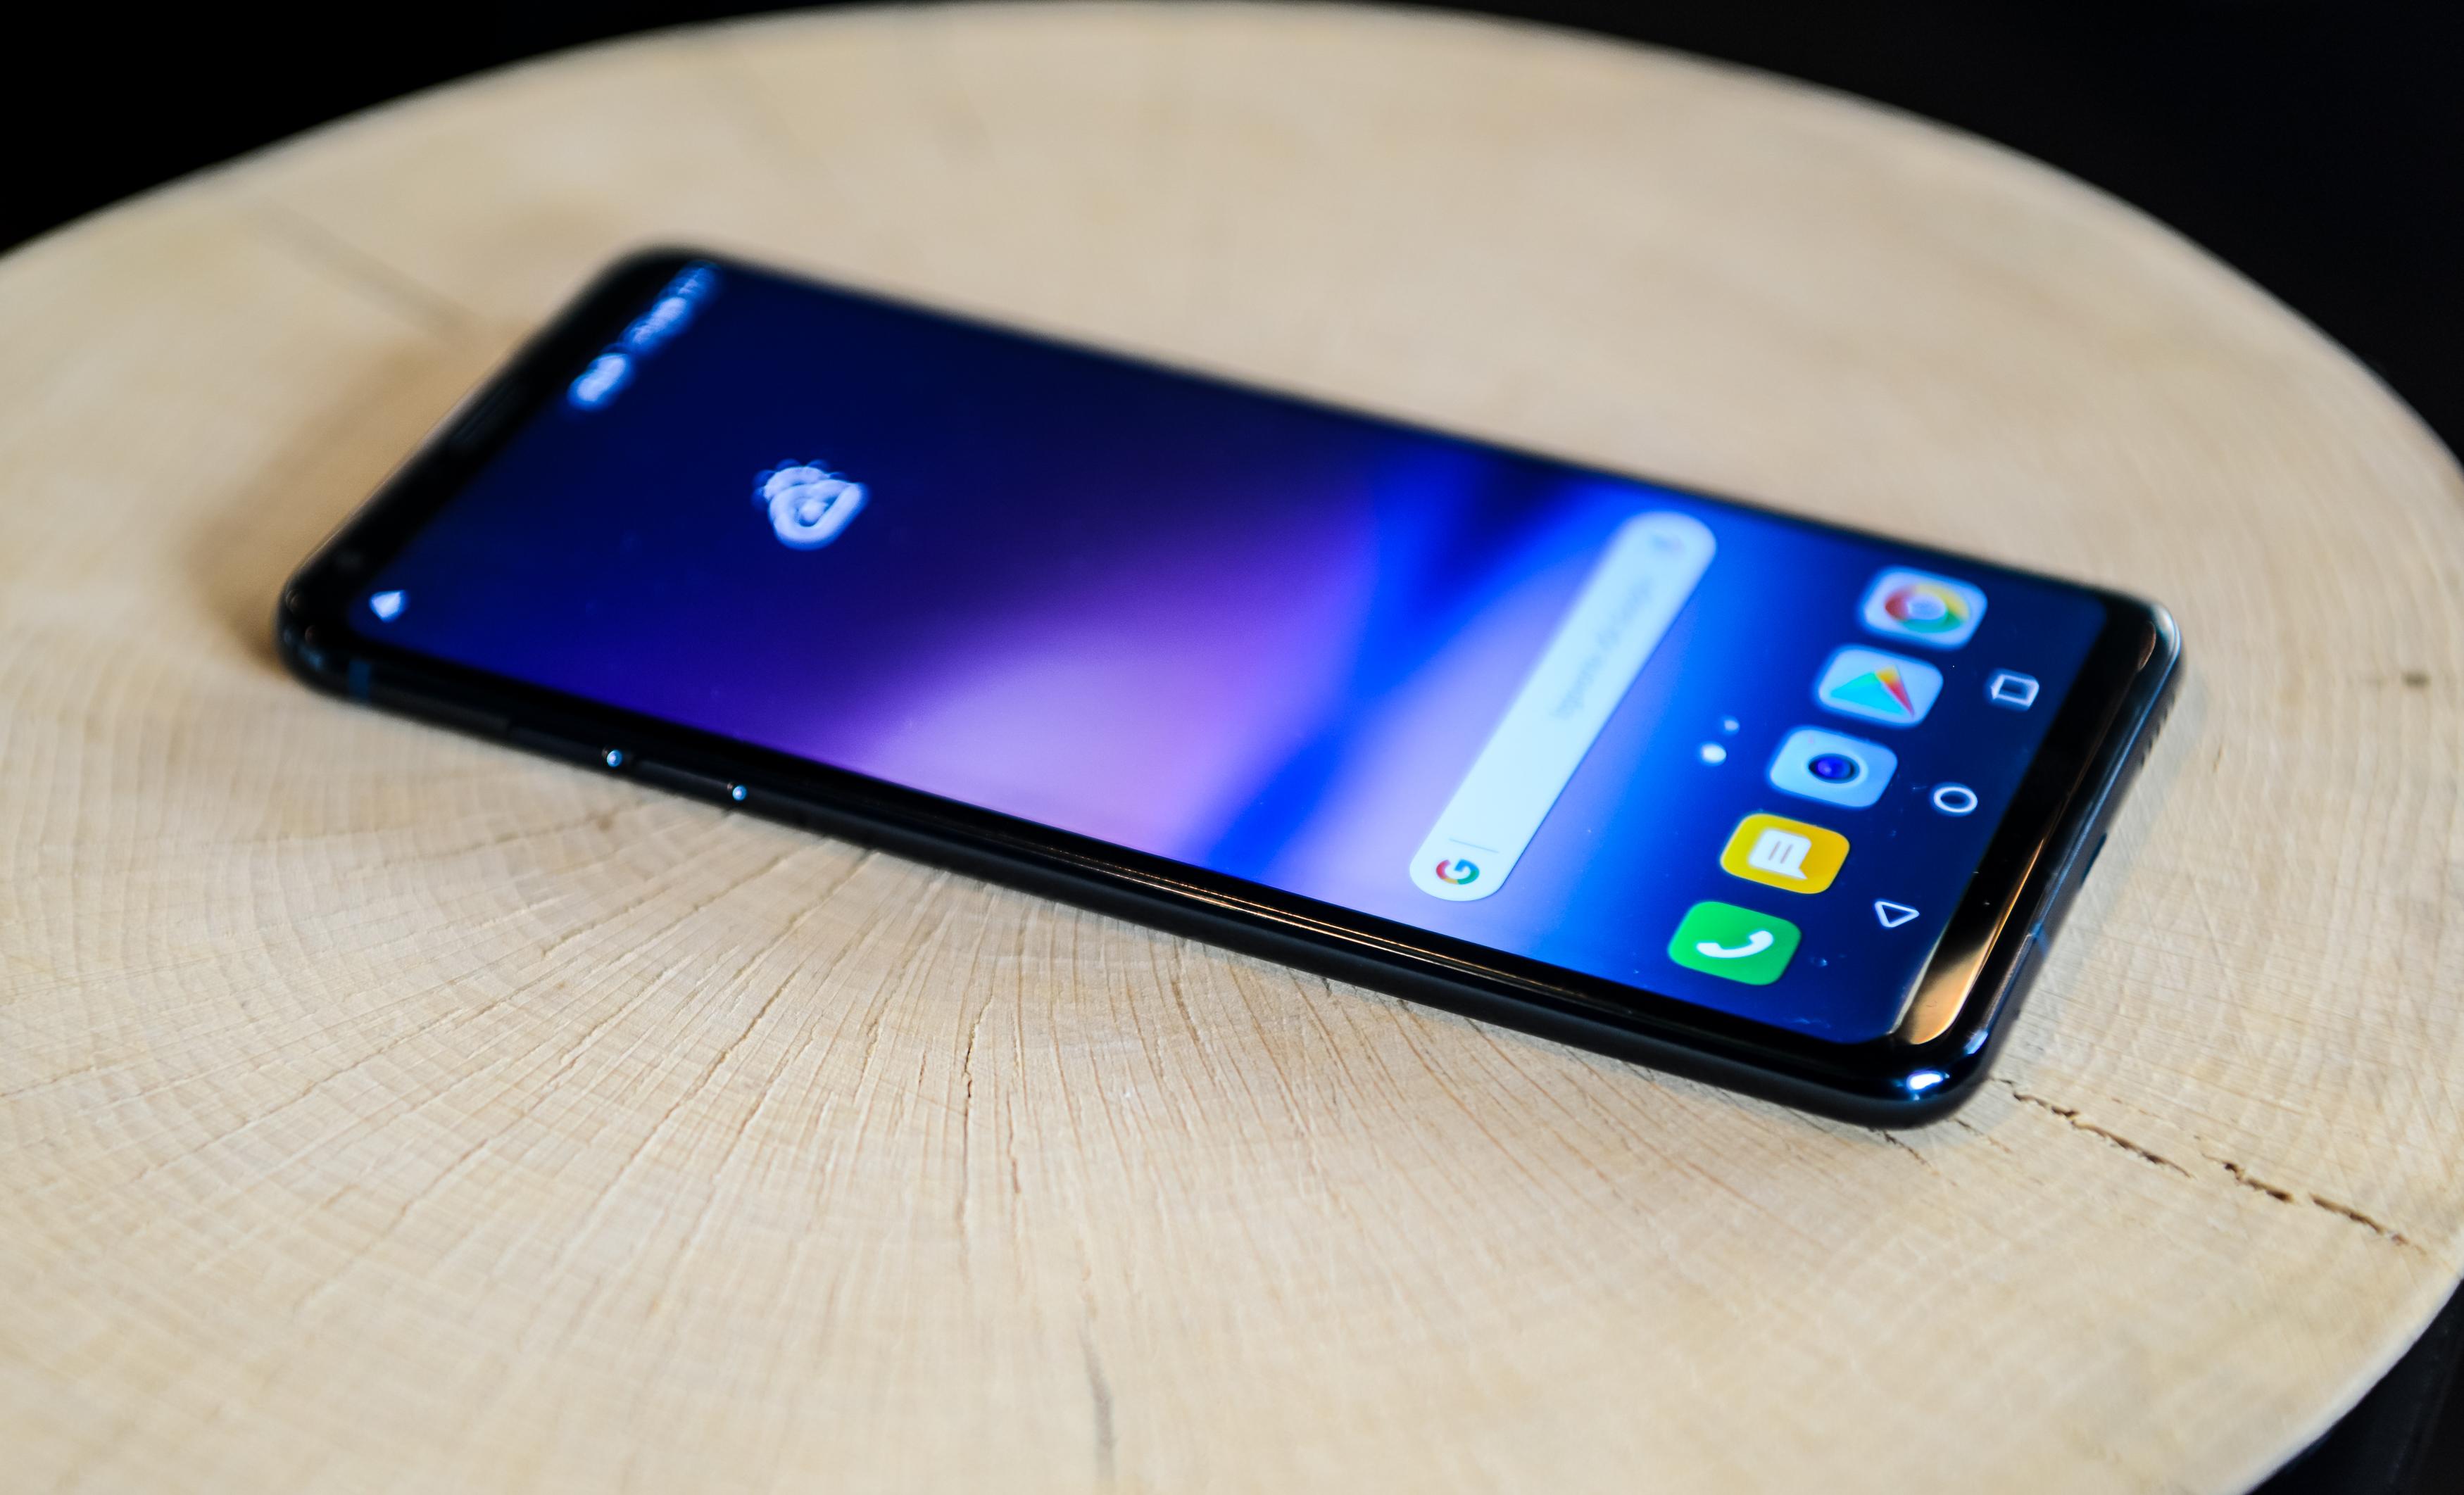 LG V30 - Priznati mu je potrebno idealna razmerja.